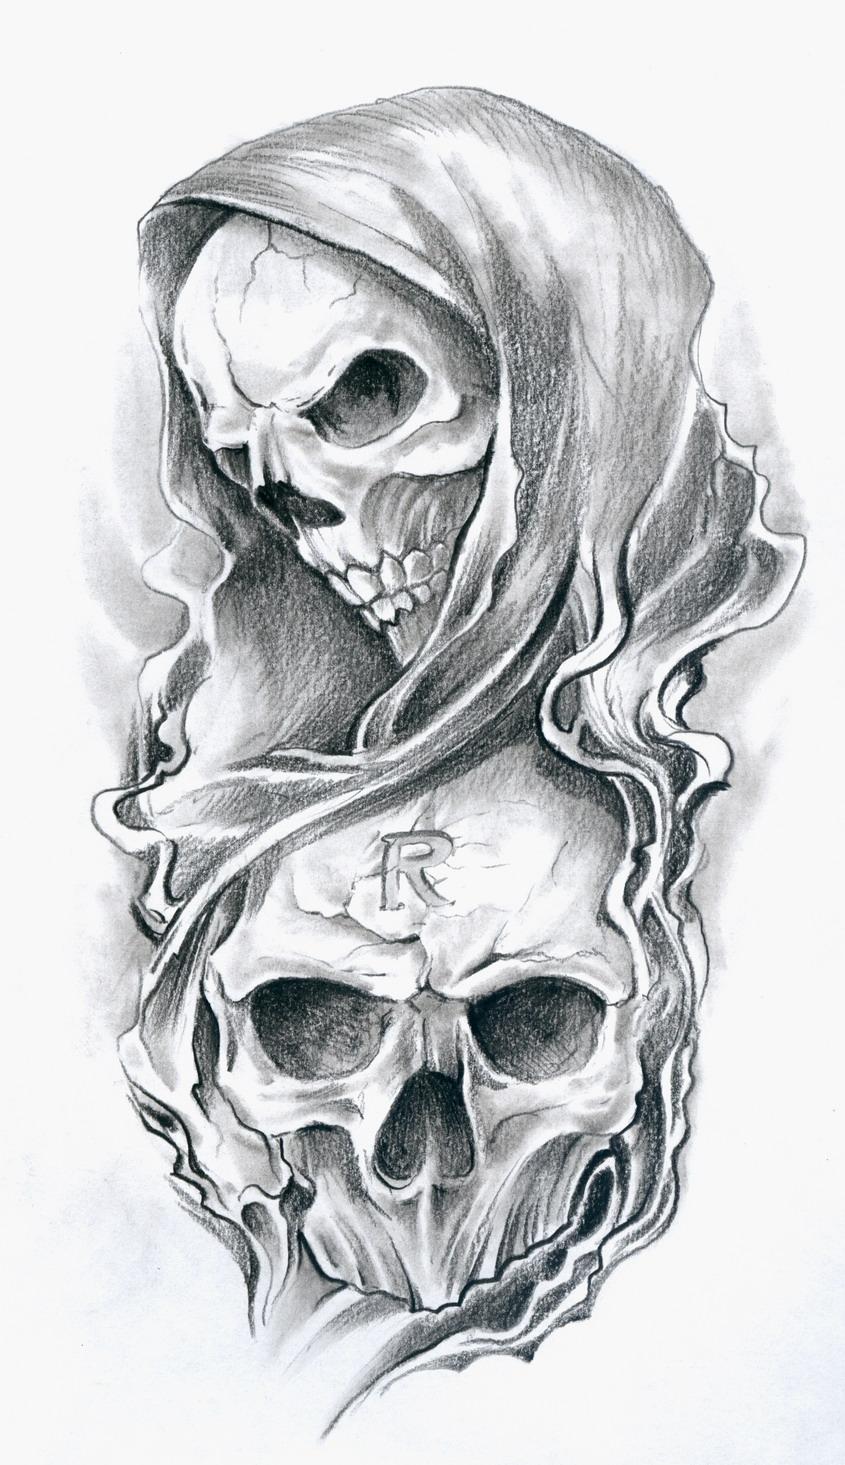 Drawn skull designer On fpista Best DrawingsSkull Pinterest